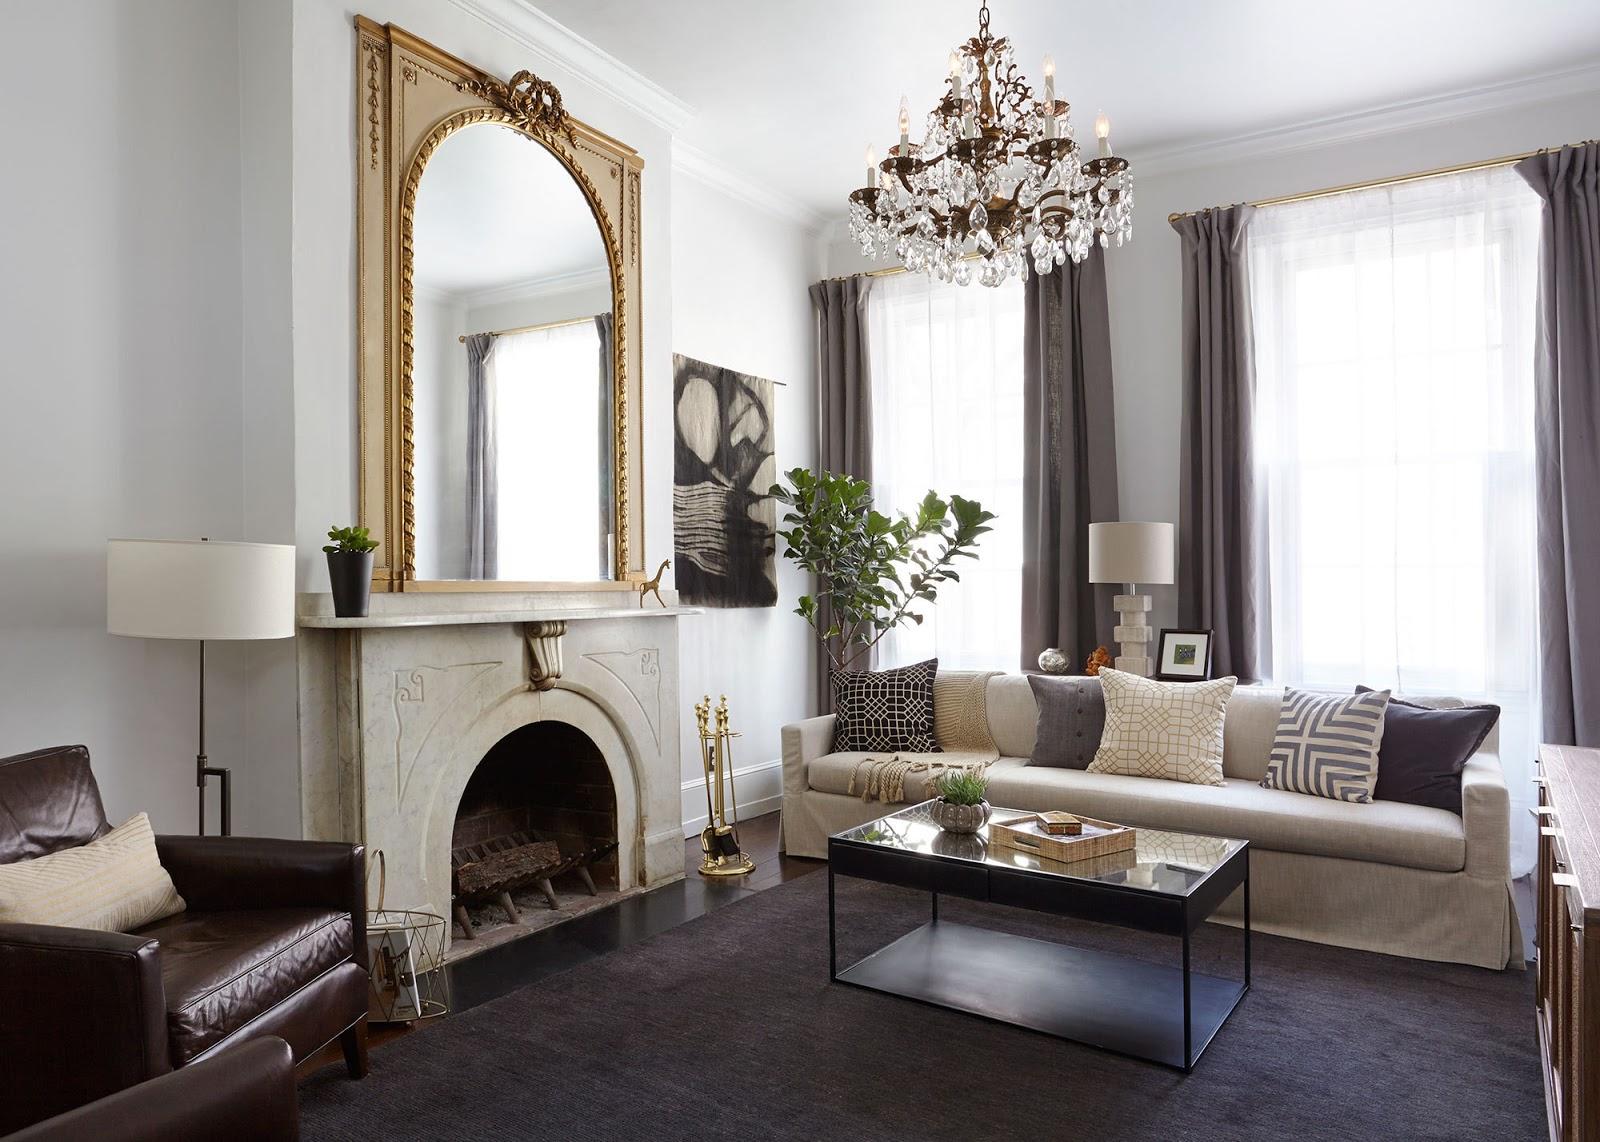 El rinc n vintage de karmela la perfecta casa colonial - Contemporary colonial interior design ...